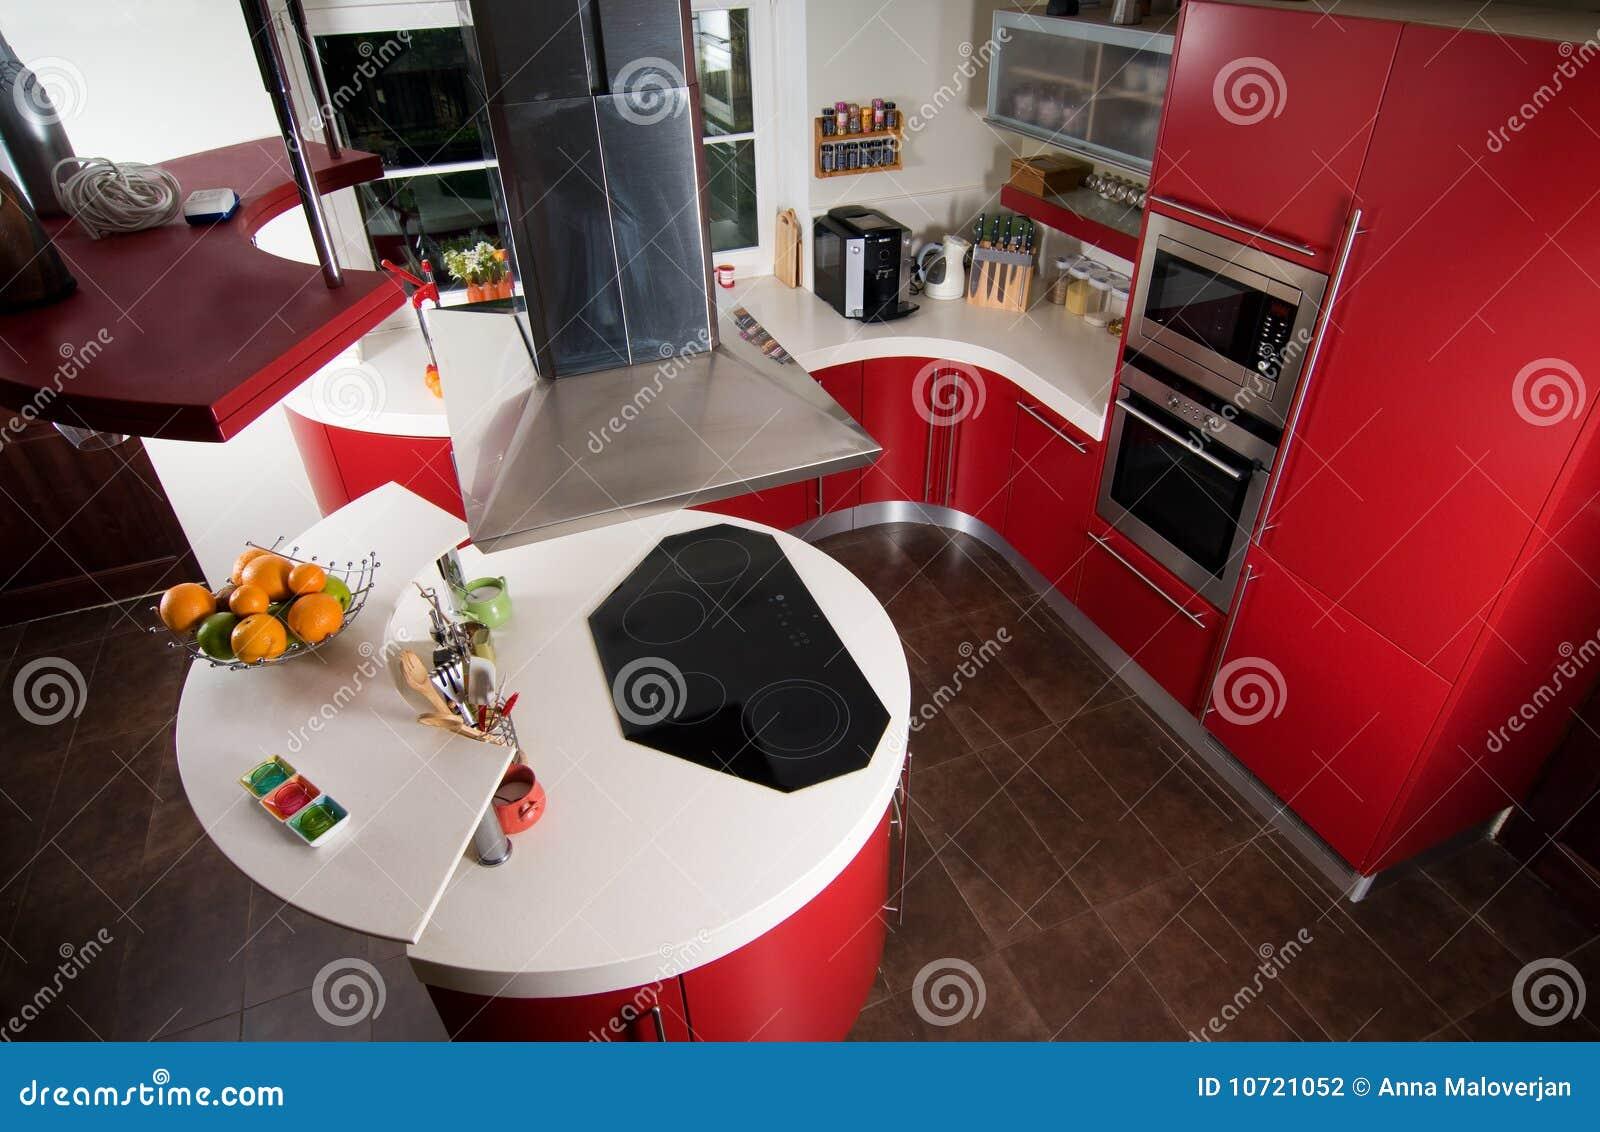 cuisine moderne rouge photo stock image du d coration. Black Bedroom Furniture Sets. Home Design Ideas